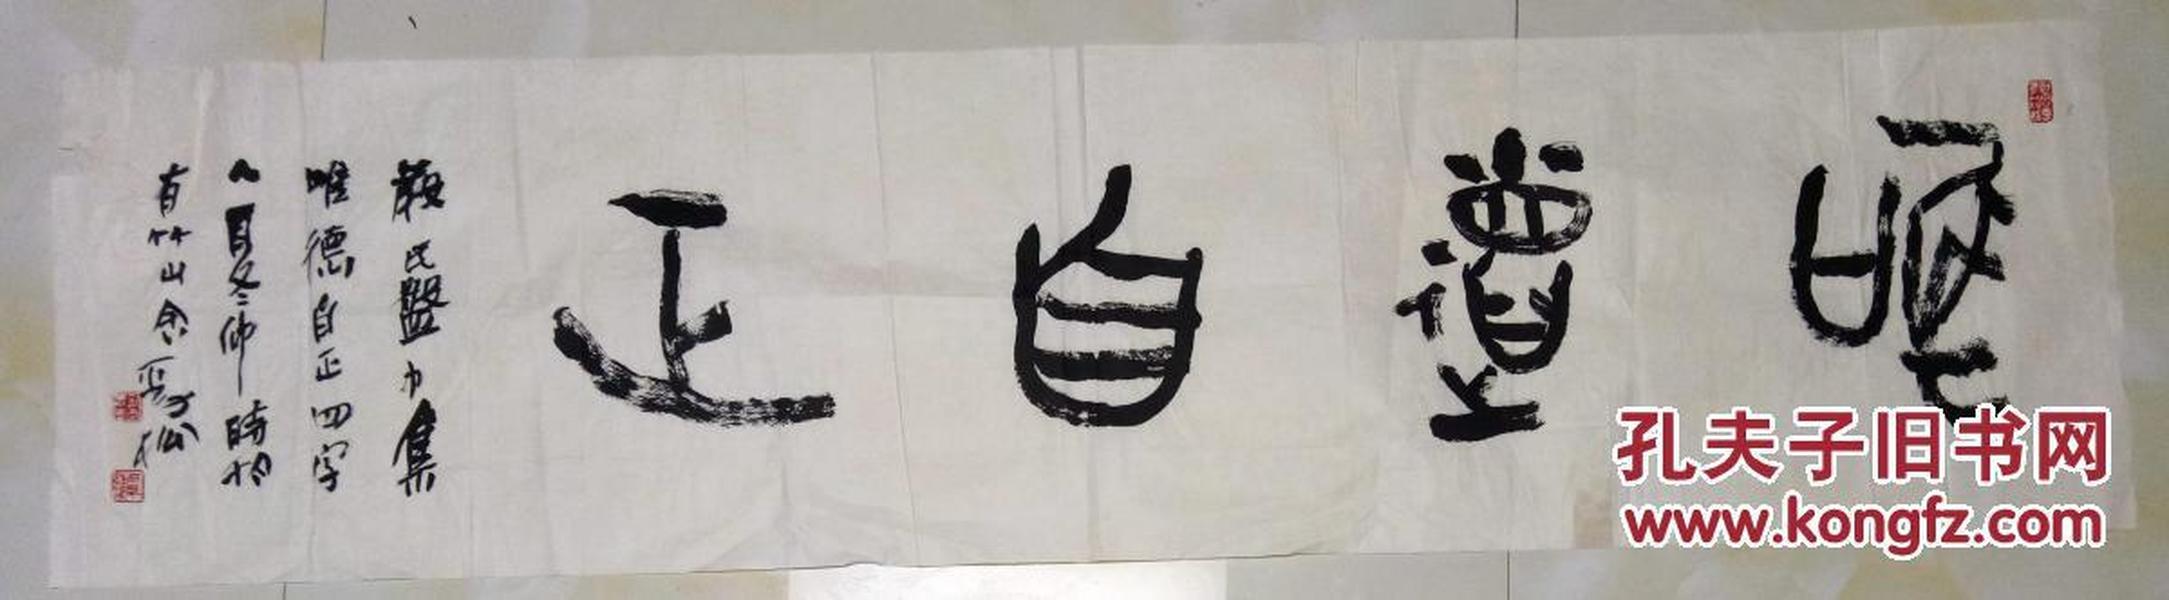 """中国书法家协会会员、李劲松 散氏盘集字""""唯德自正""""    【135×35厘米】"""